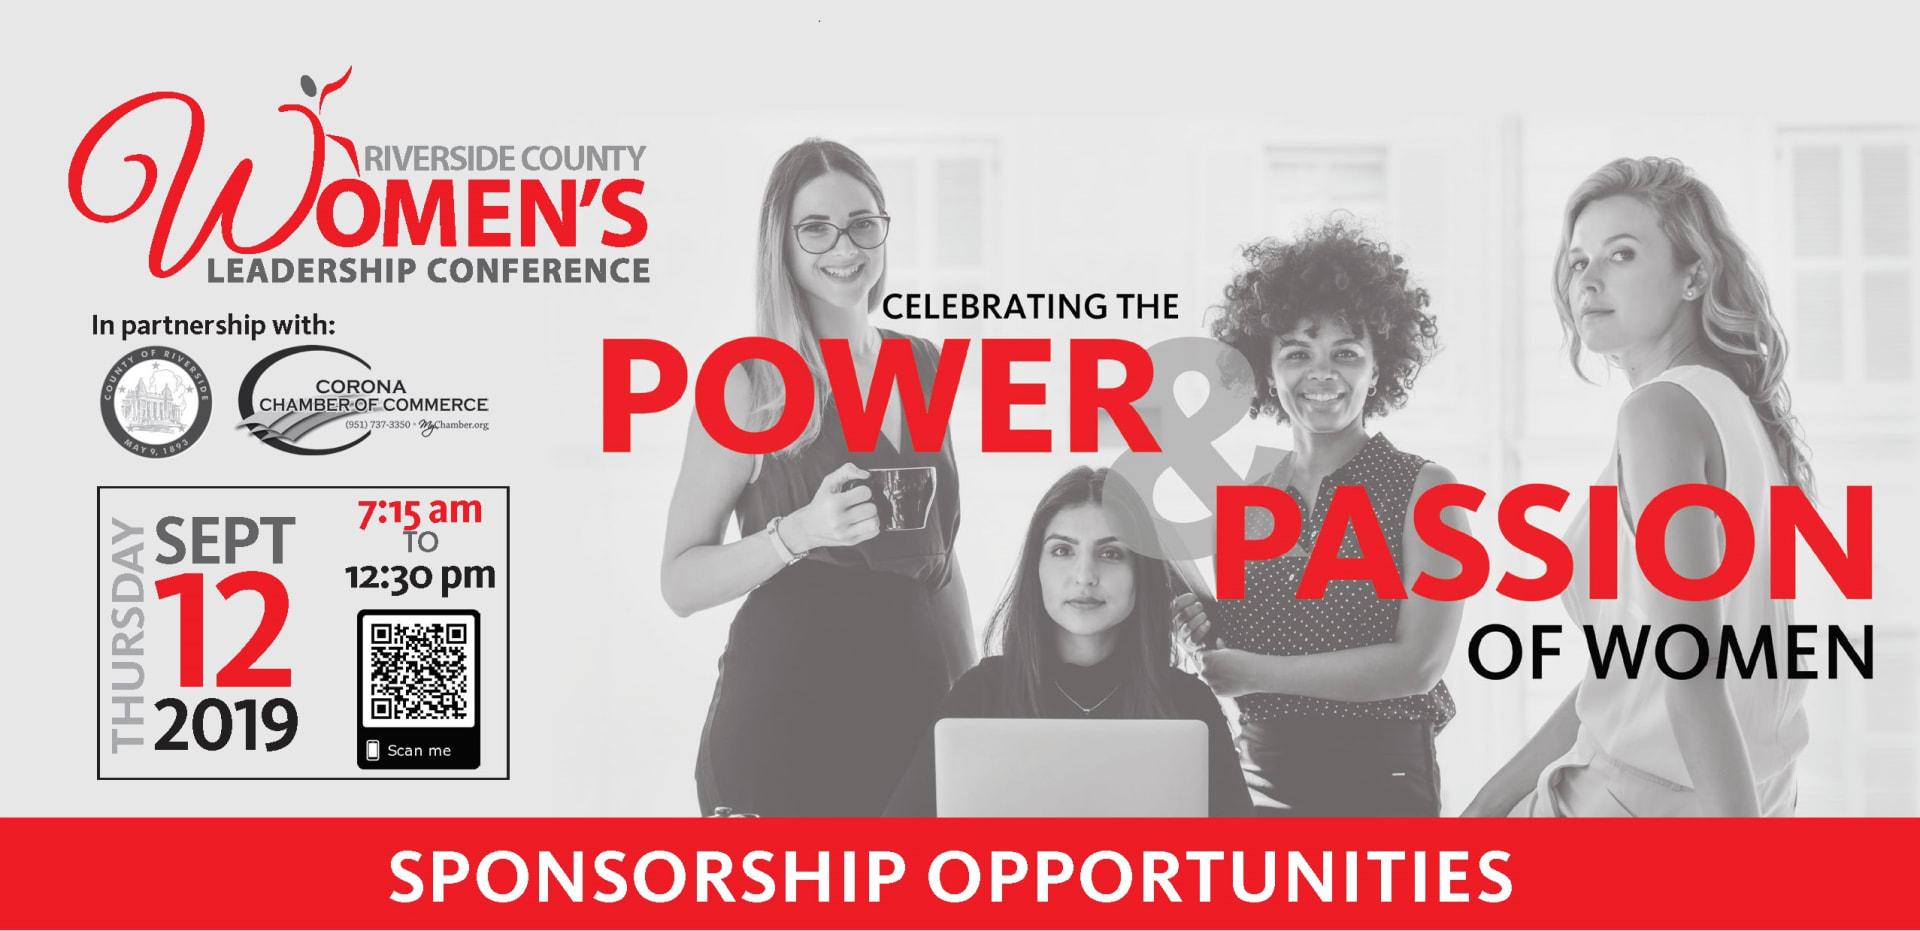 Screenshot-WLC-2019-sponsorship-header.JPG-w1920.jpg